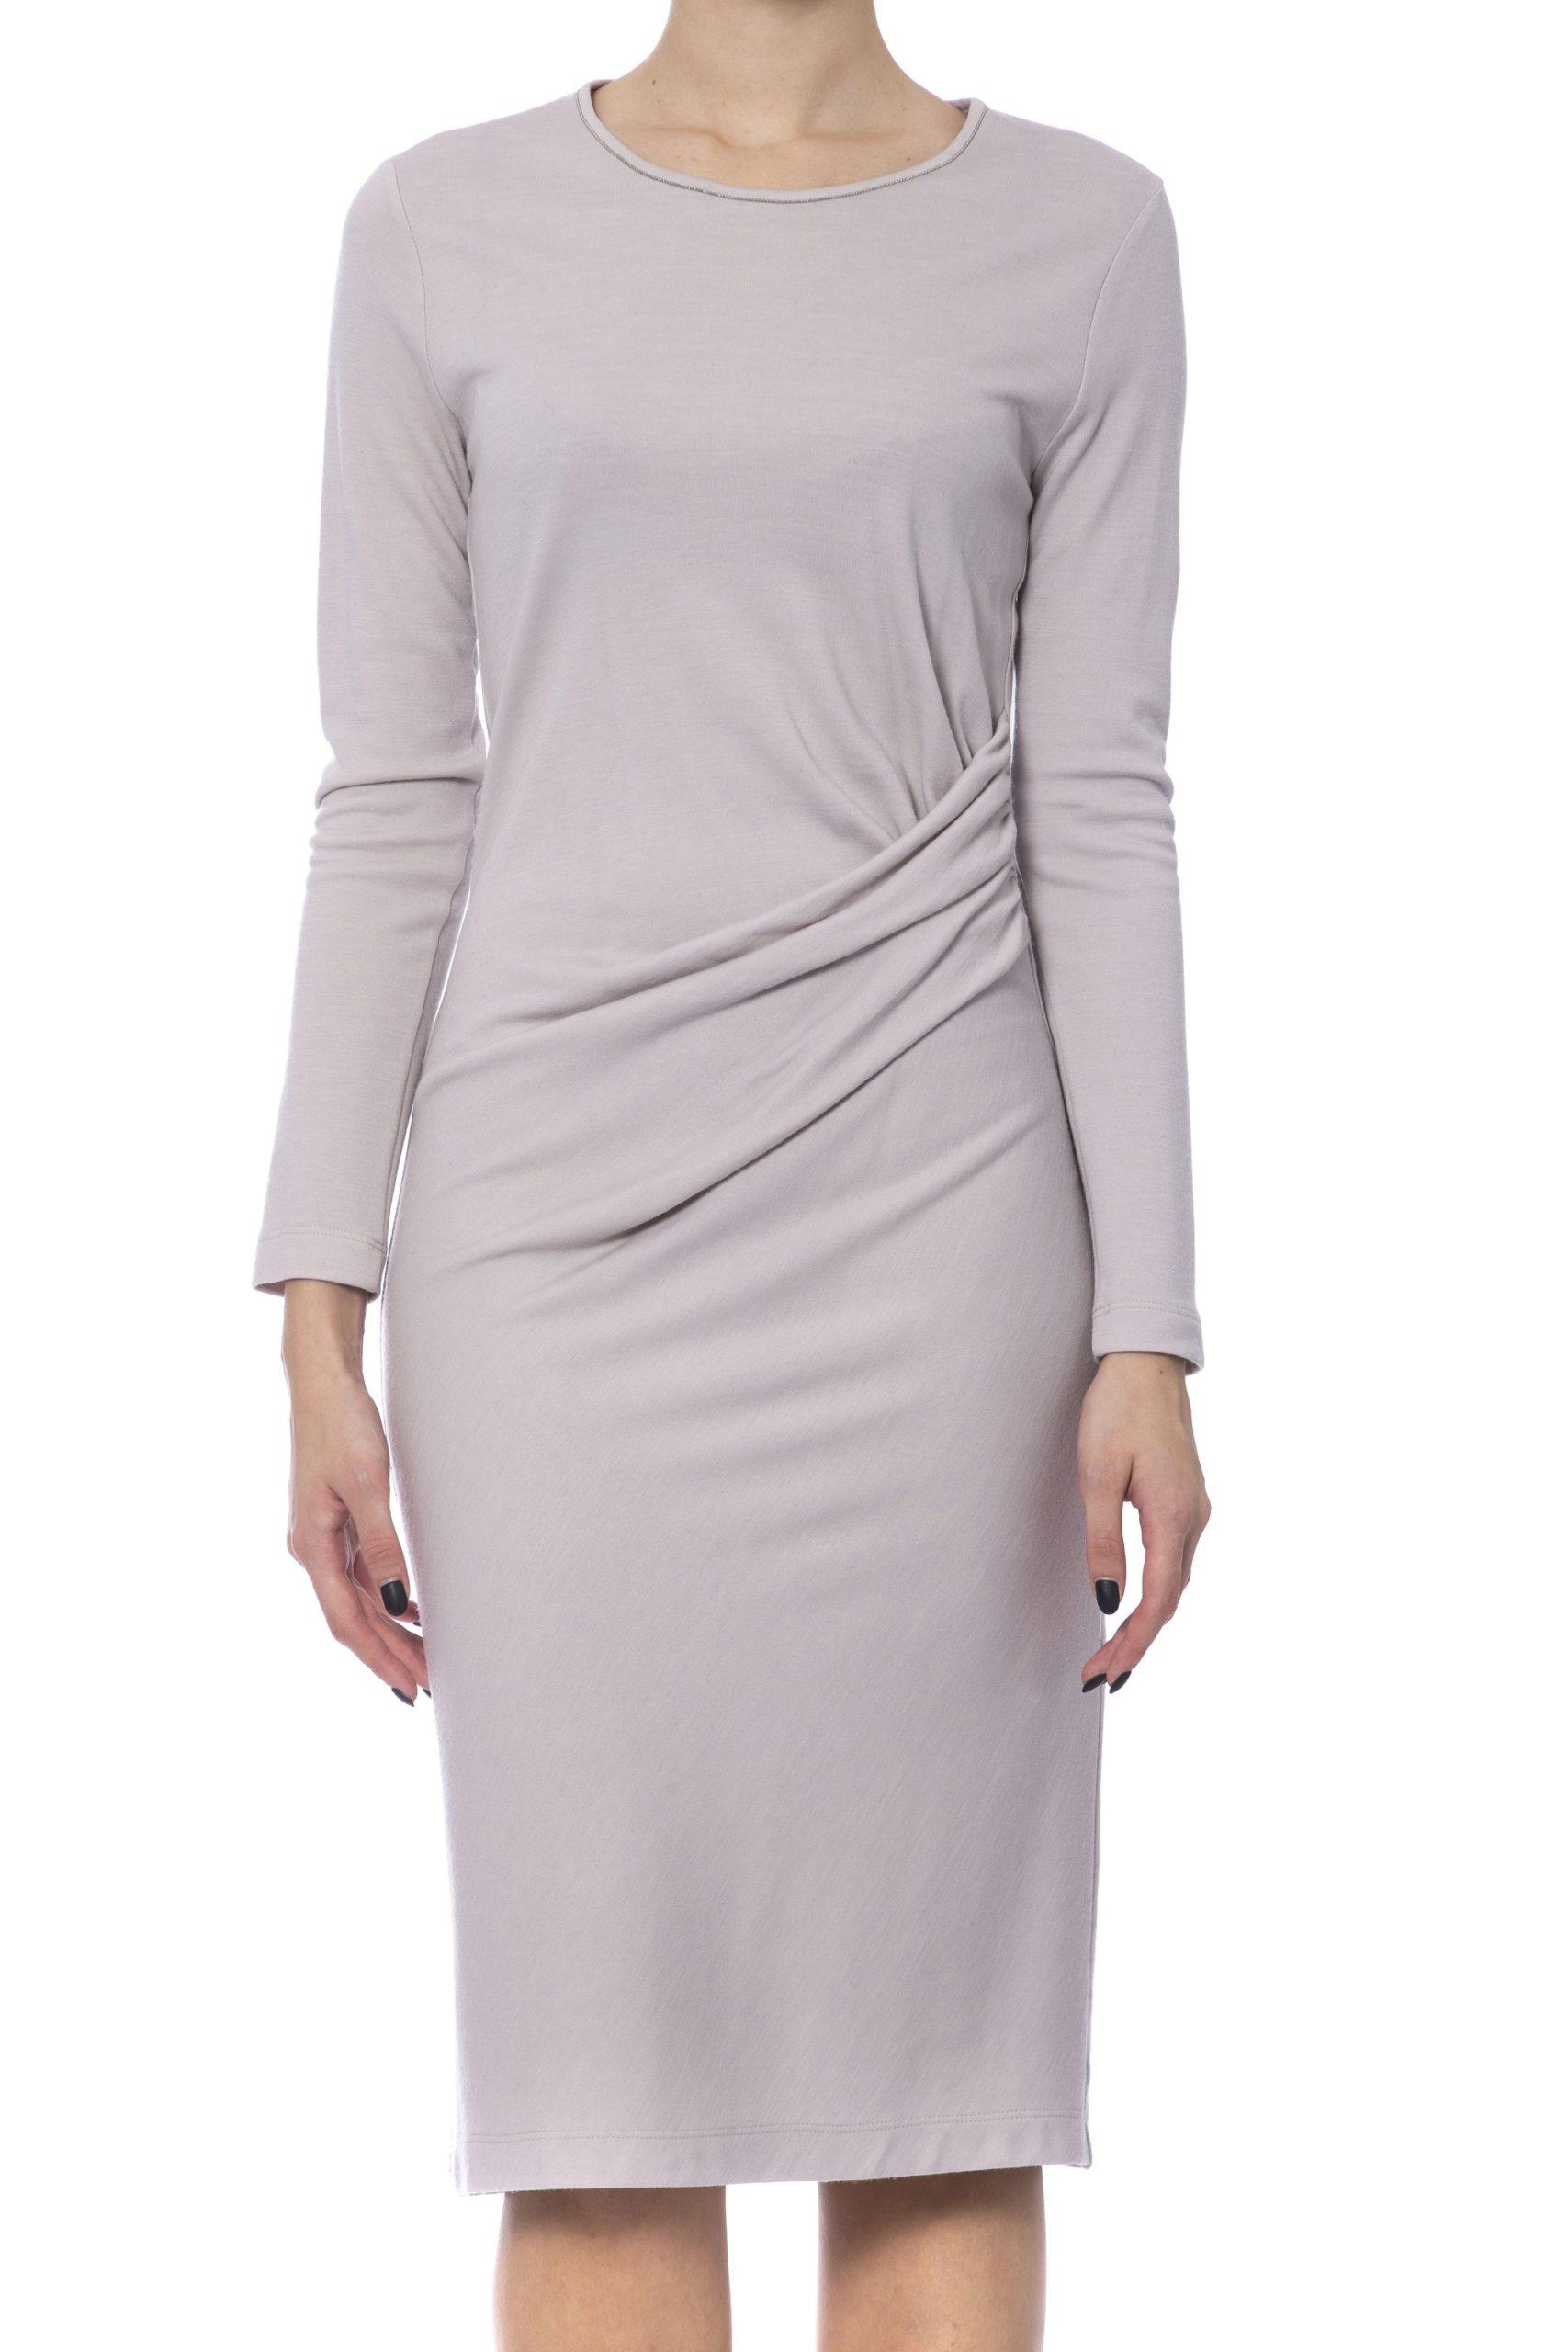 Peserico Women's Dress Beige PE992260 - IT42 | S